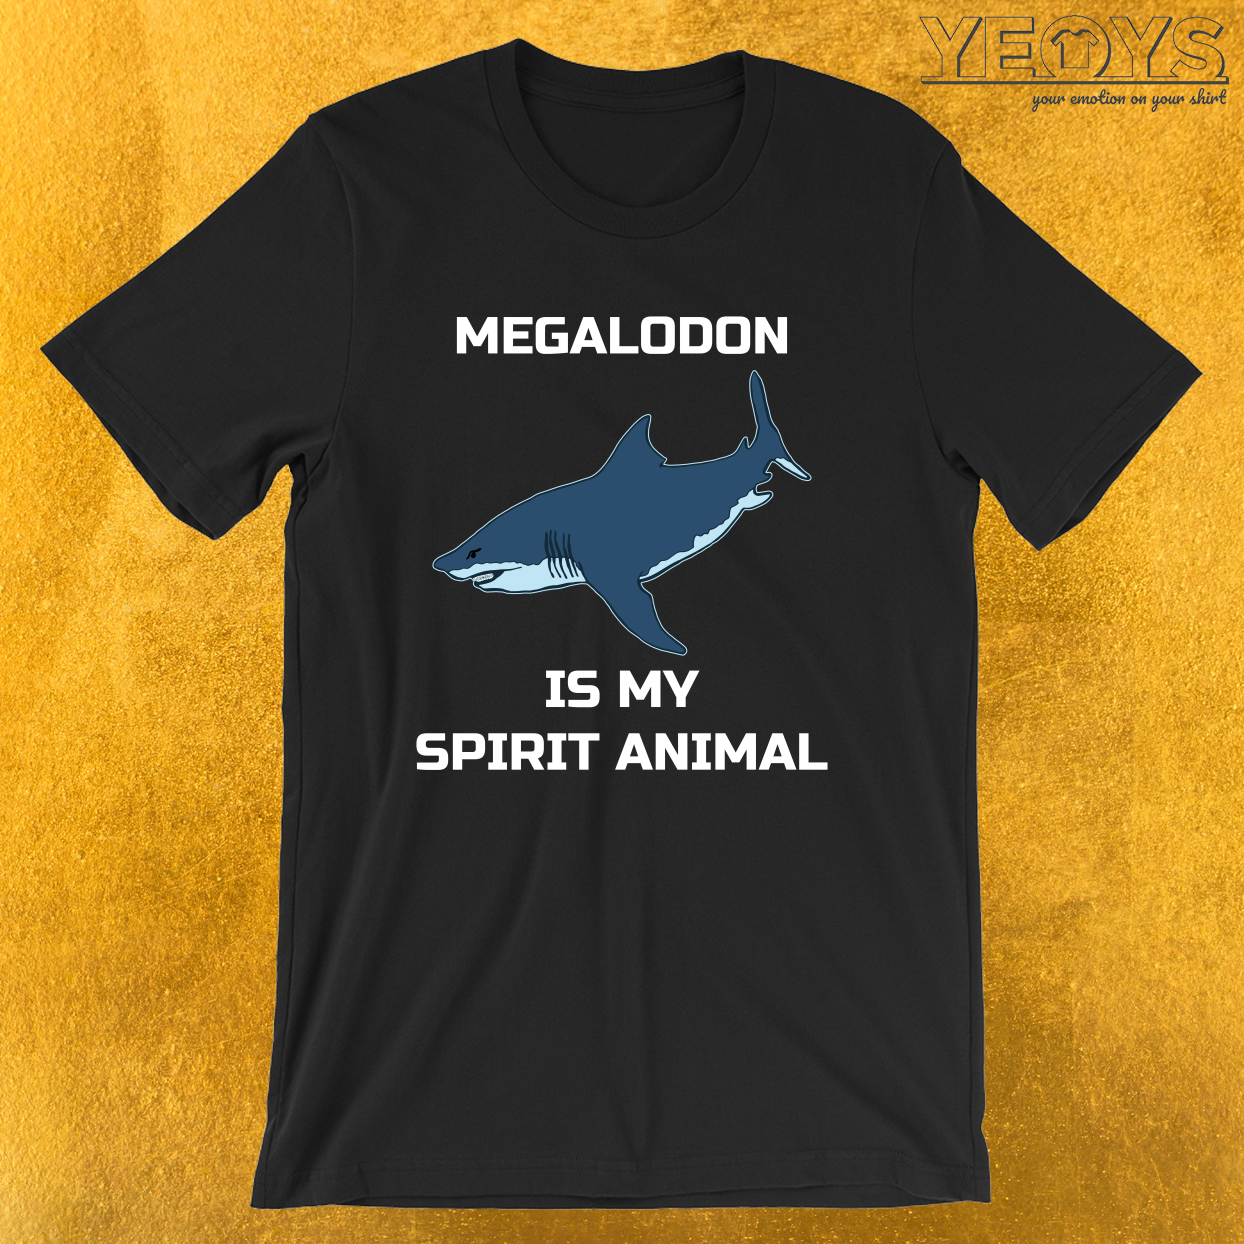 Megalodon Is My Spirit Animal – Megalodon Shark Tee